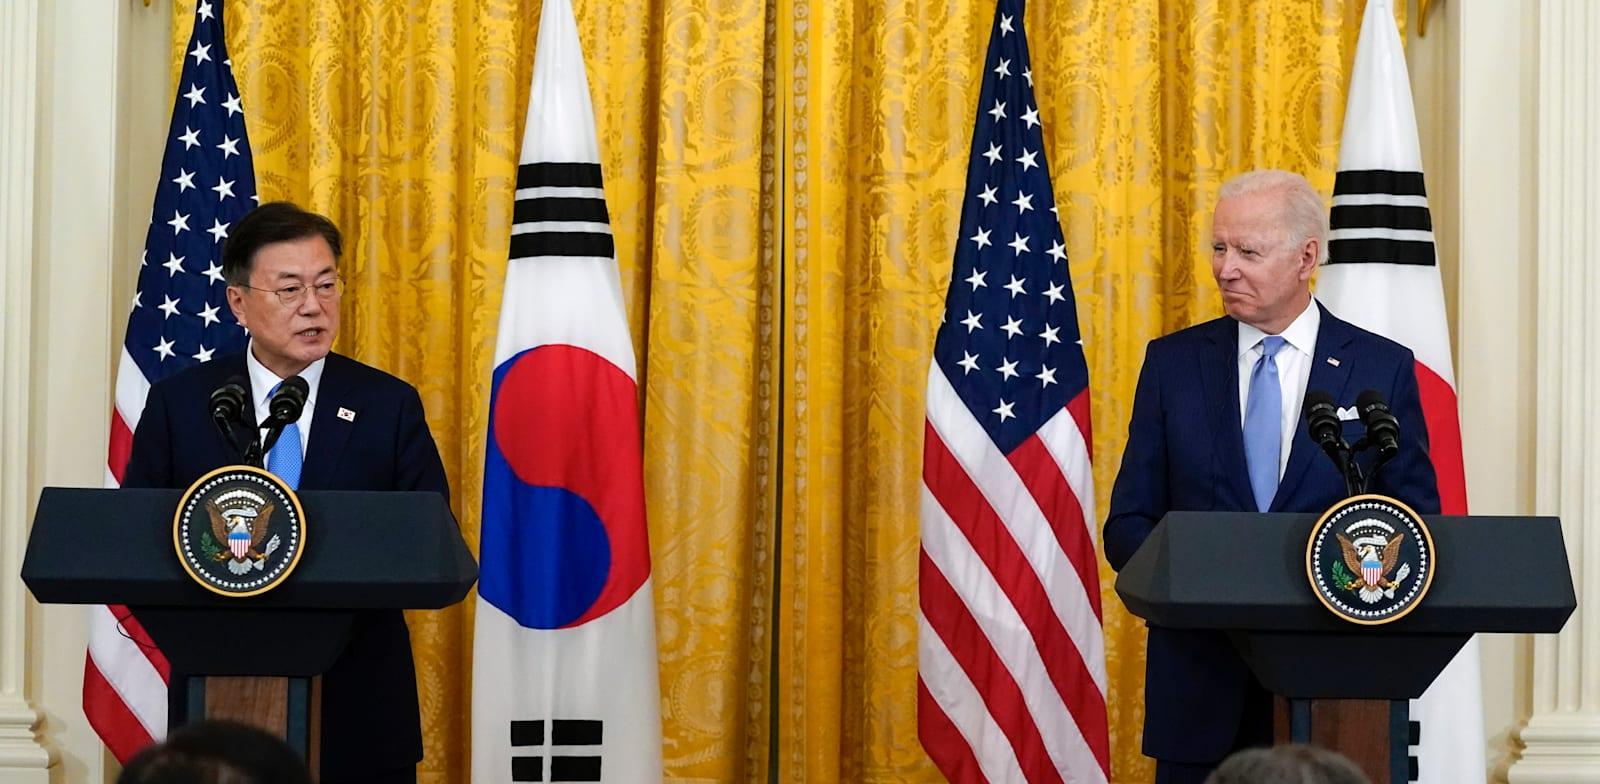 """נשיא דרום קוריאה מון ג'יאה-אין ונשיא ארה""""ב ג'ו ביידן בבית הלבן בחודש שעבר / צילום: Associated Press, Alex Brandon"""